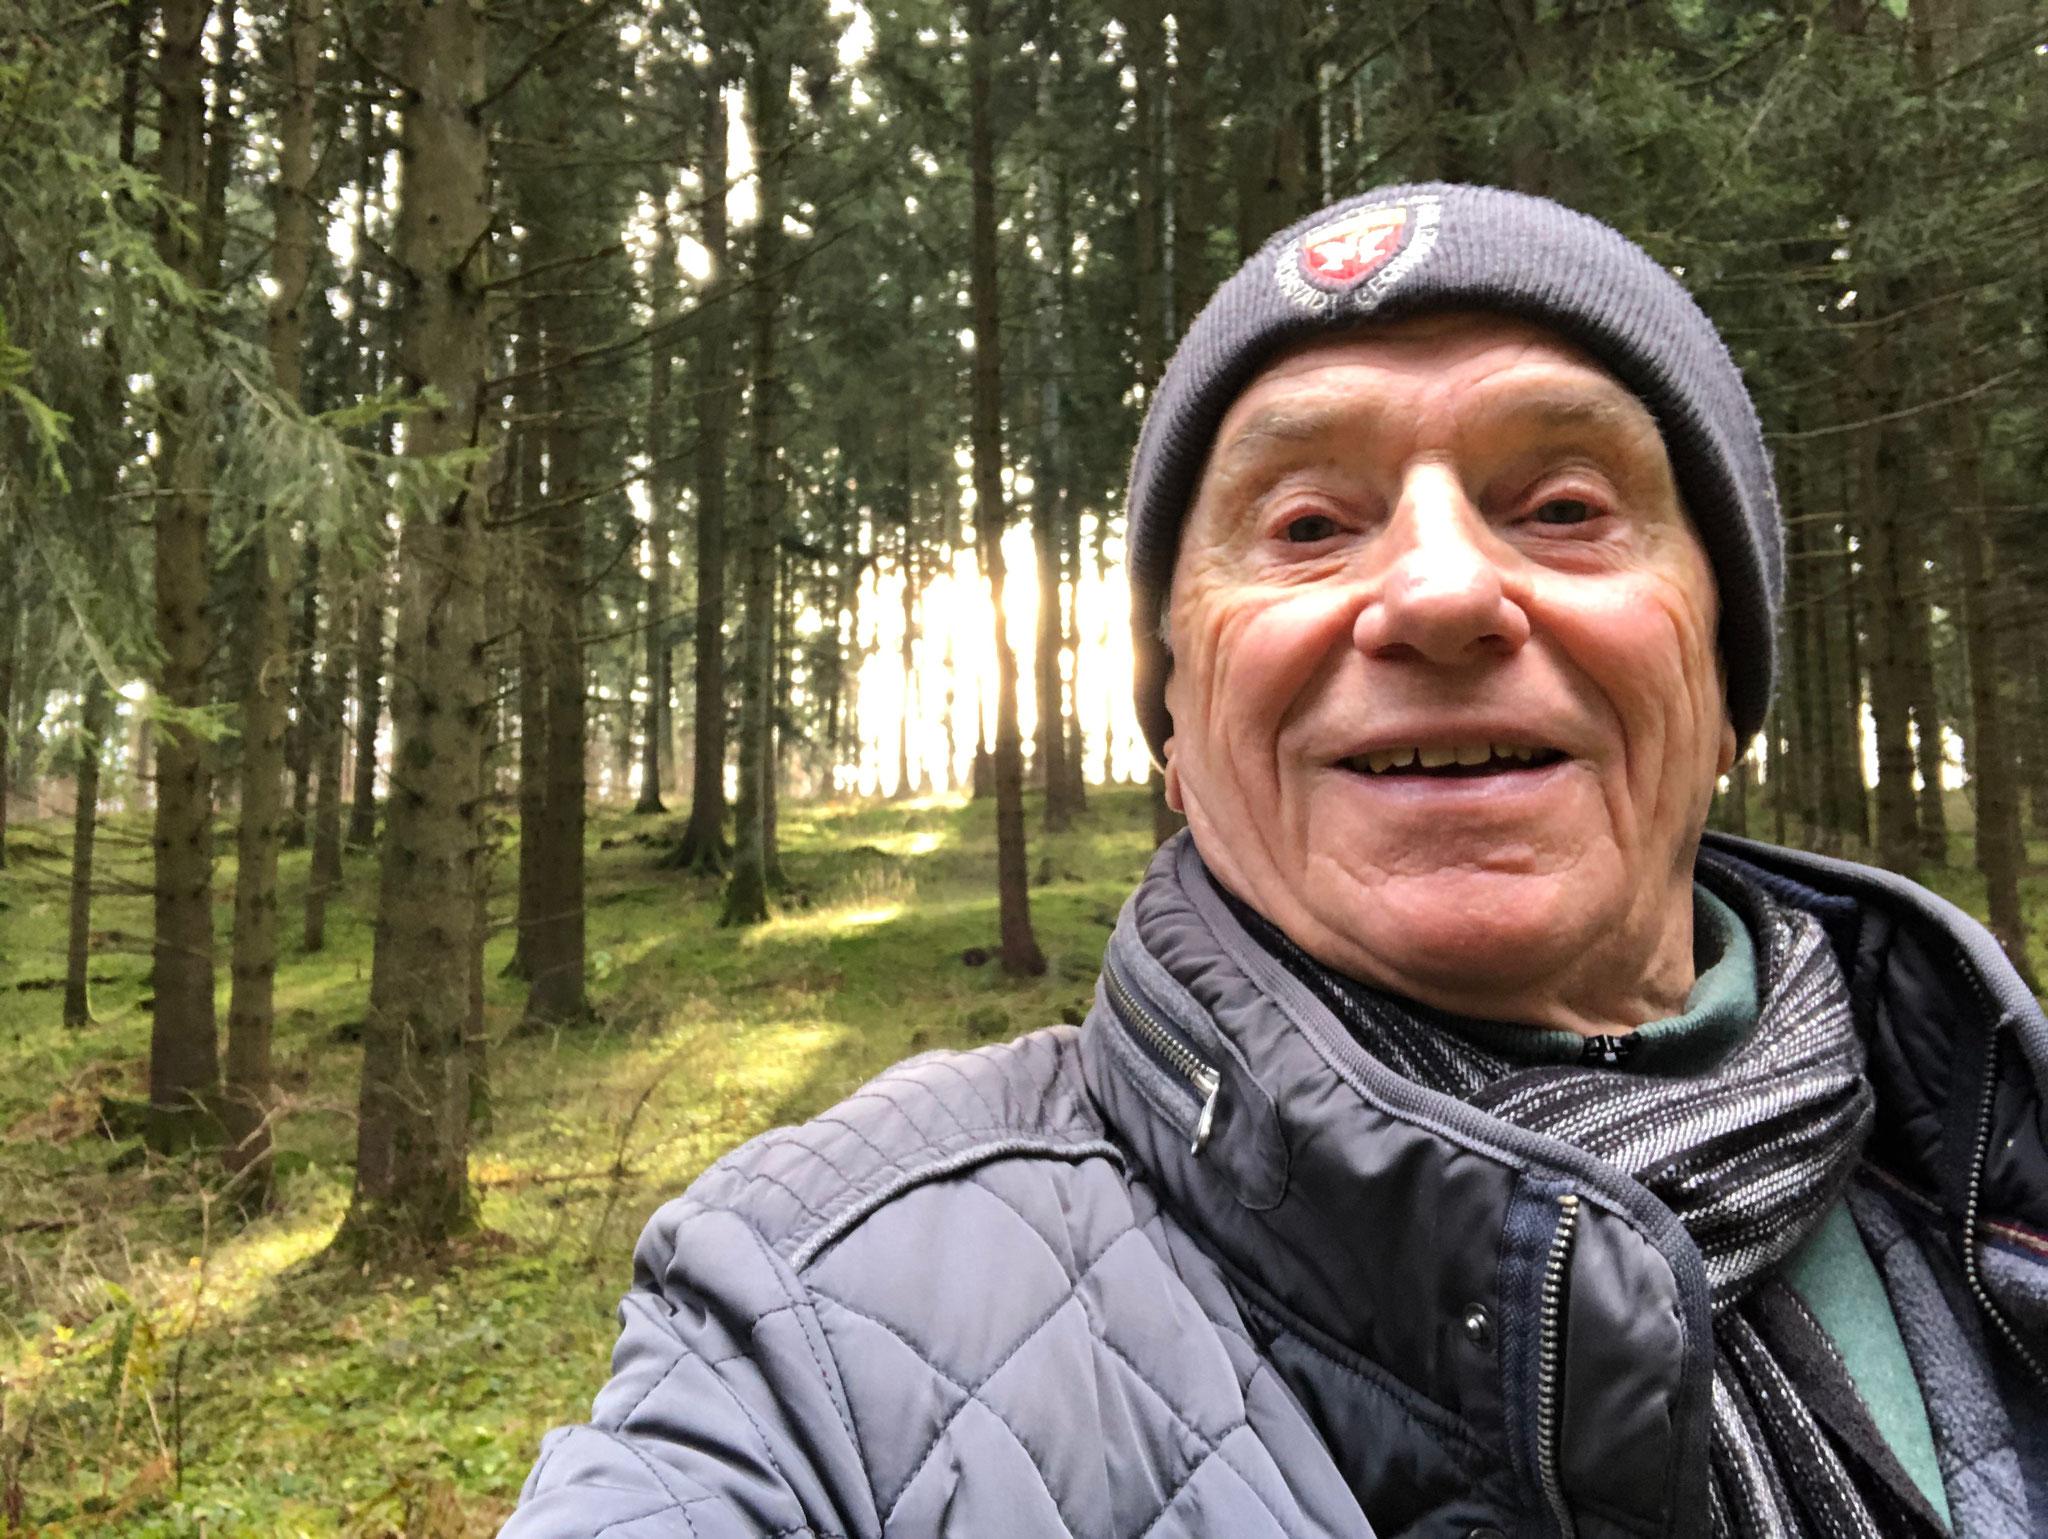 2020 Waldwandern im Jan. ohne Schnee